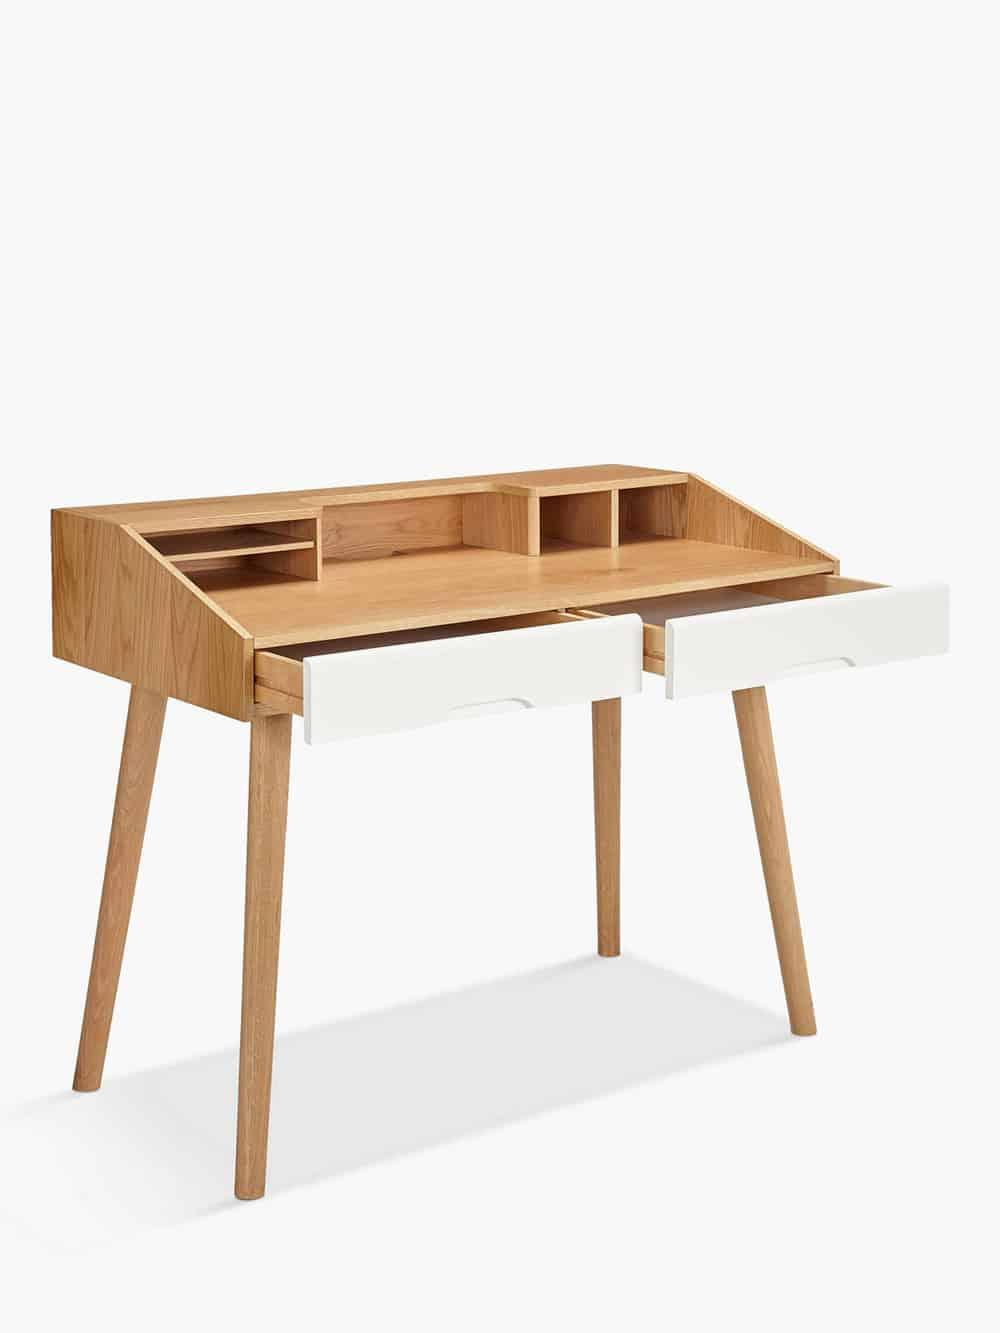 Mẫu bàn làm việc độc đáo và tiện nghi